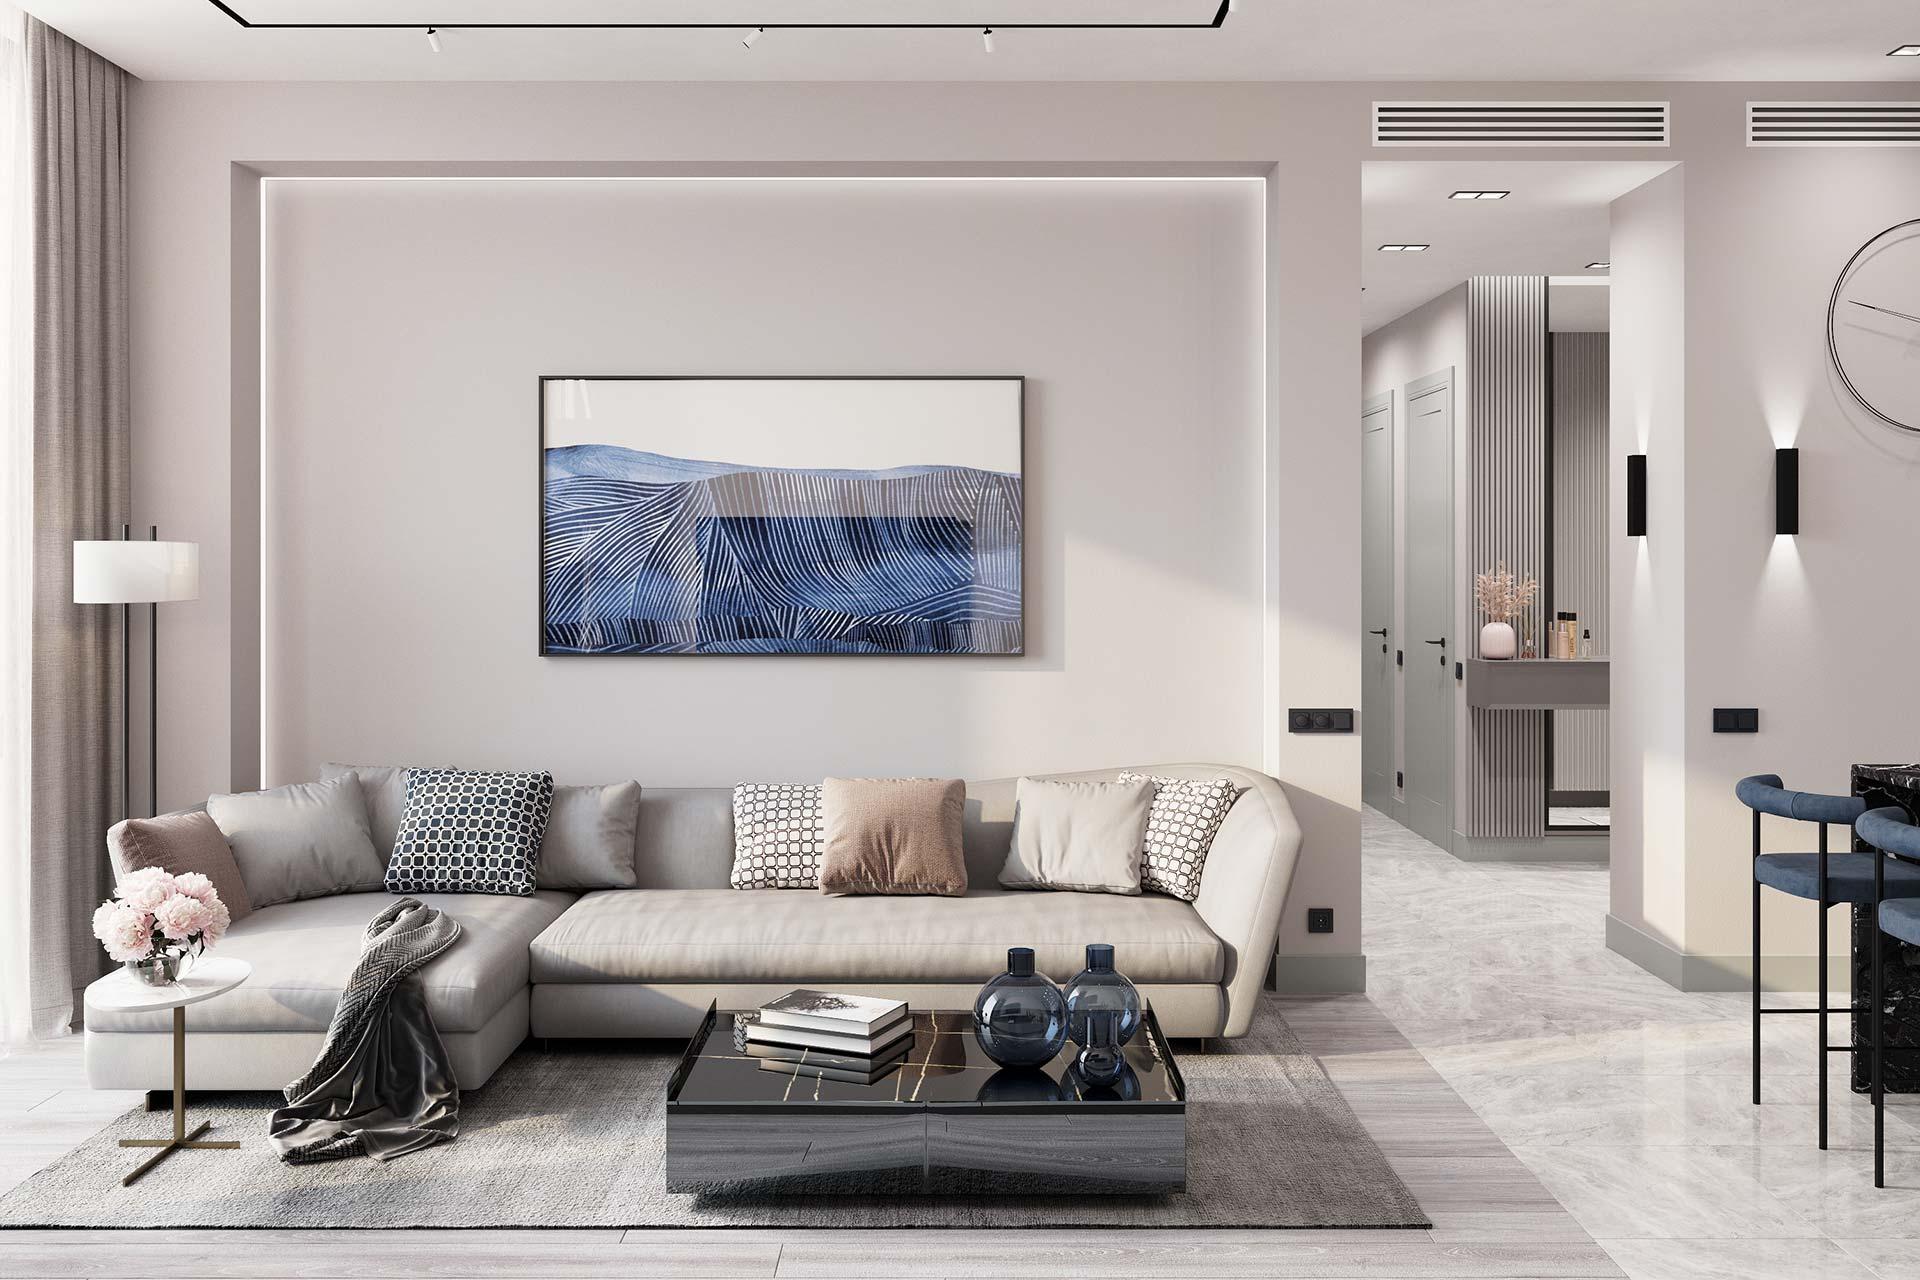 Дизайн интерьера квартиры в ЖК Реномэ